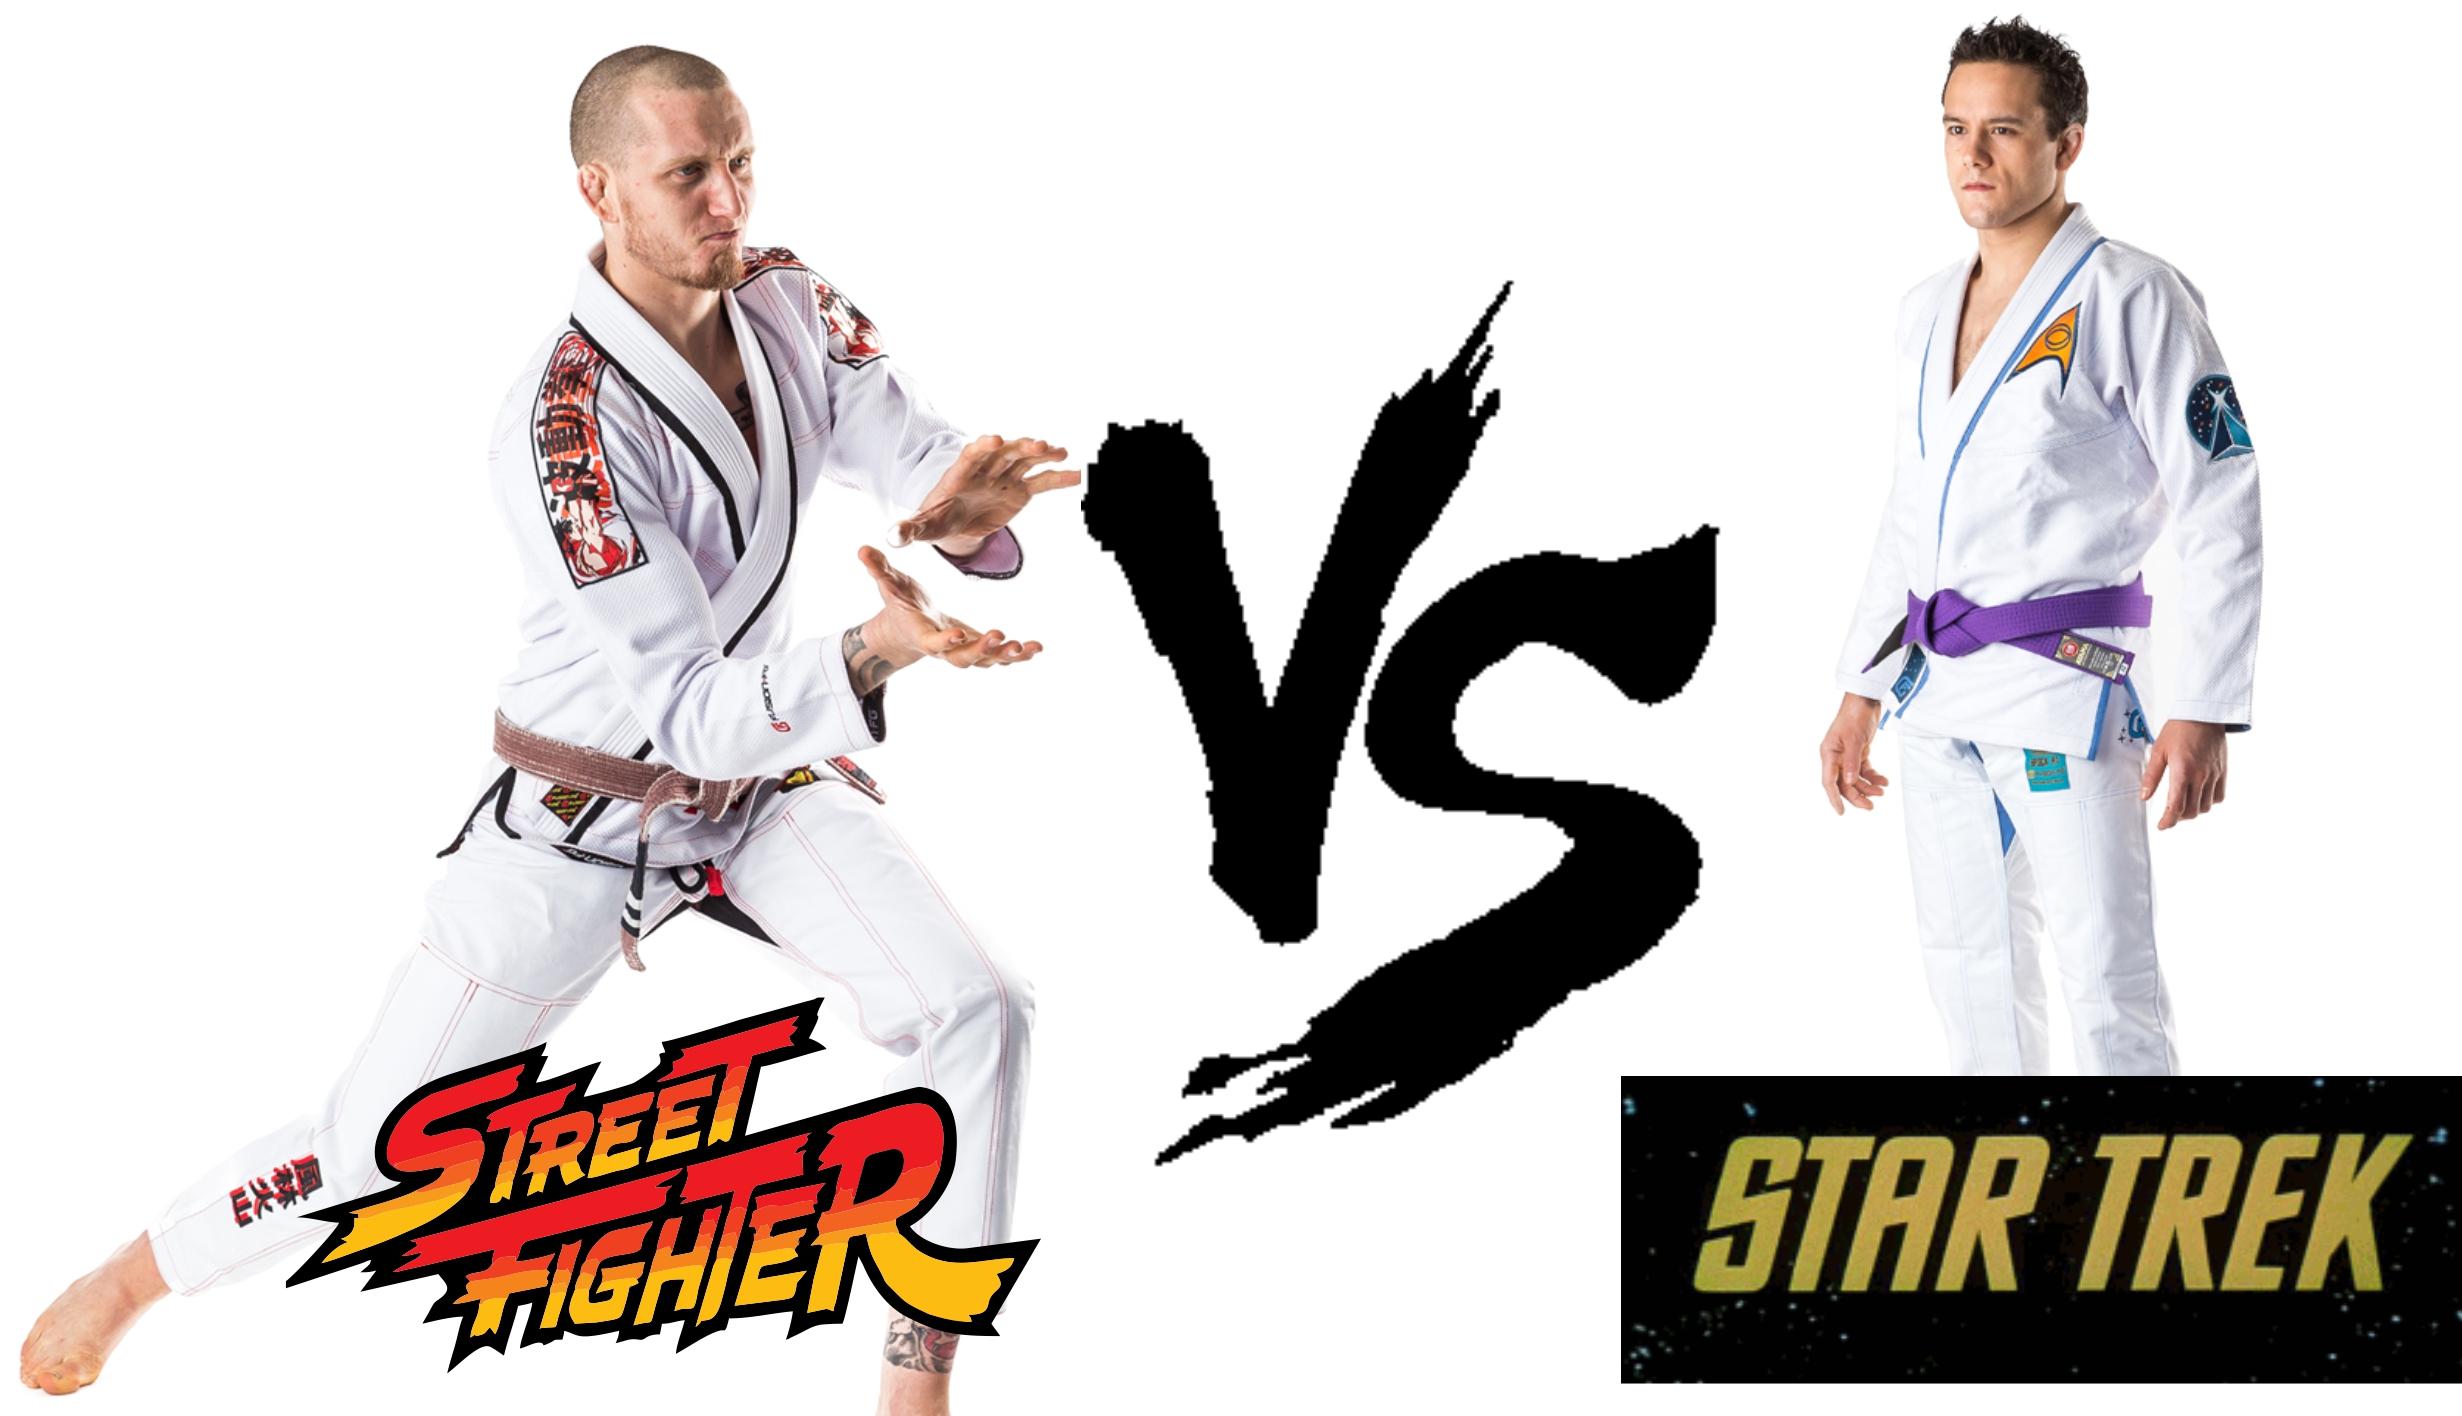 star trek gi vs street fighter gi what kind of nerd are